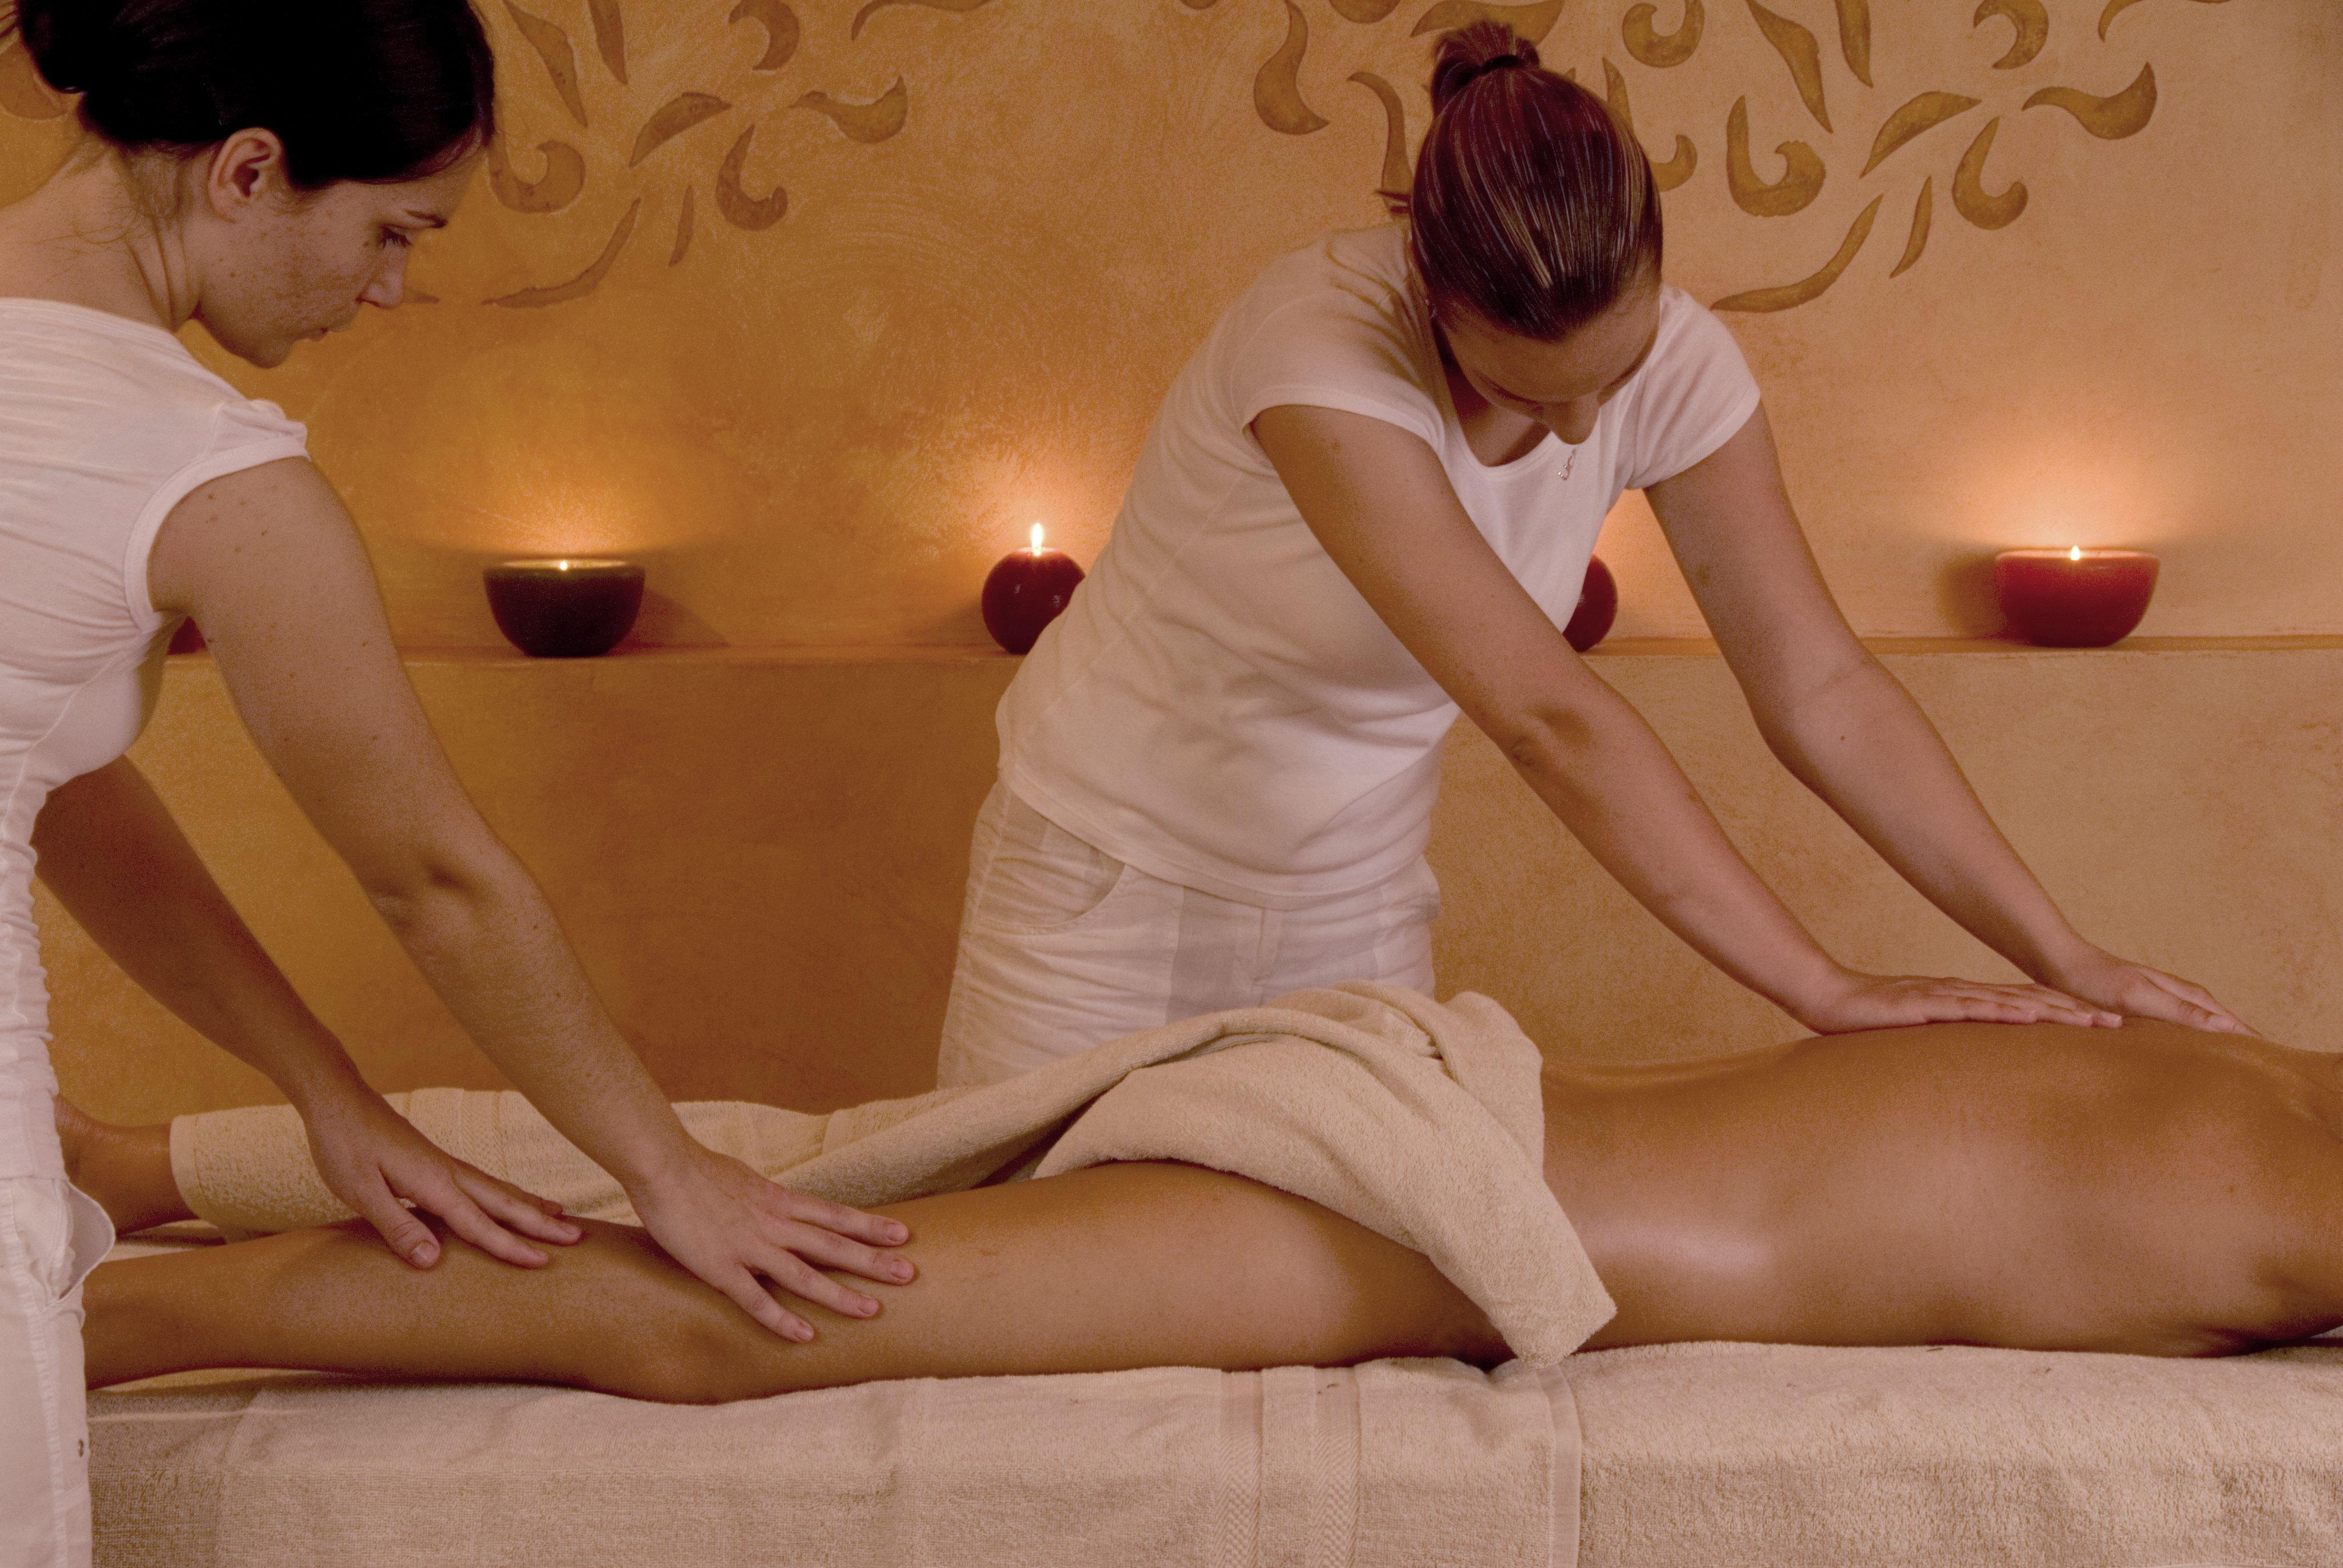 Эрогенный йони-массаж: что это такое и как его делать? интимный массаж